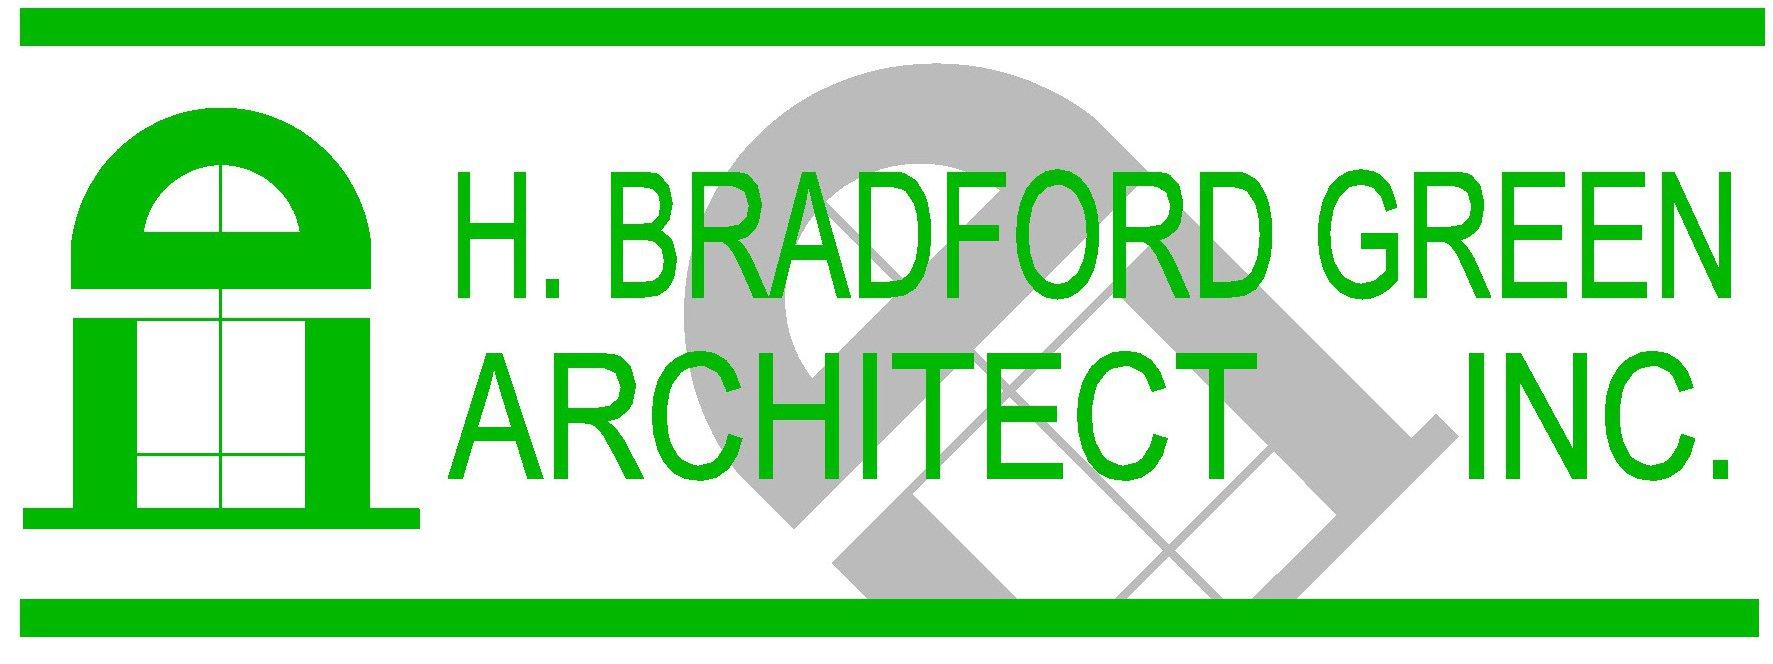 H. Bradford Green